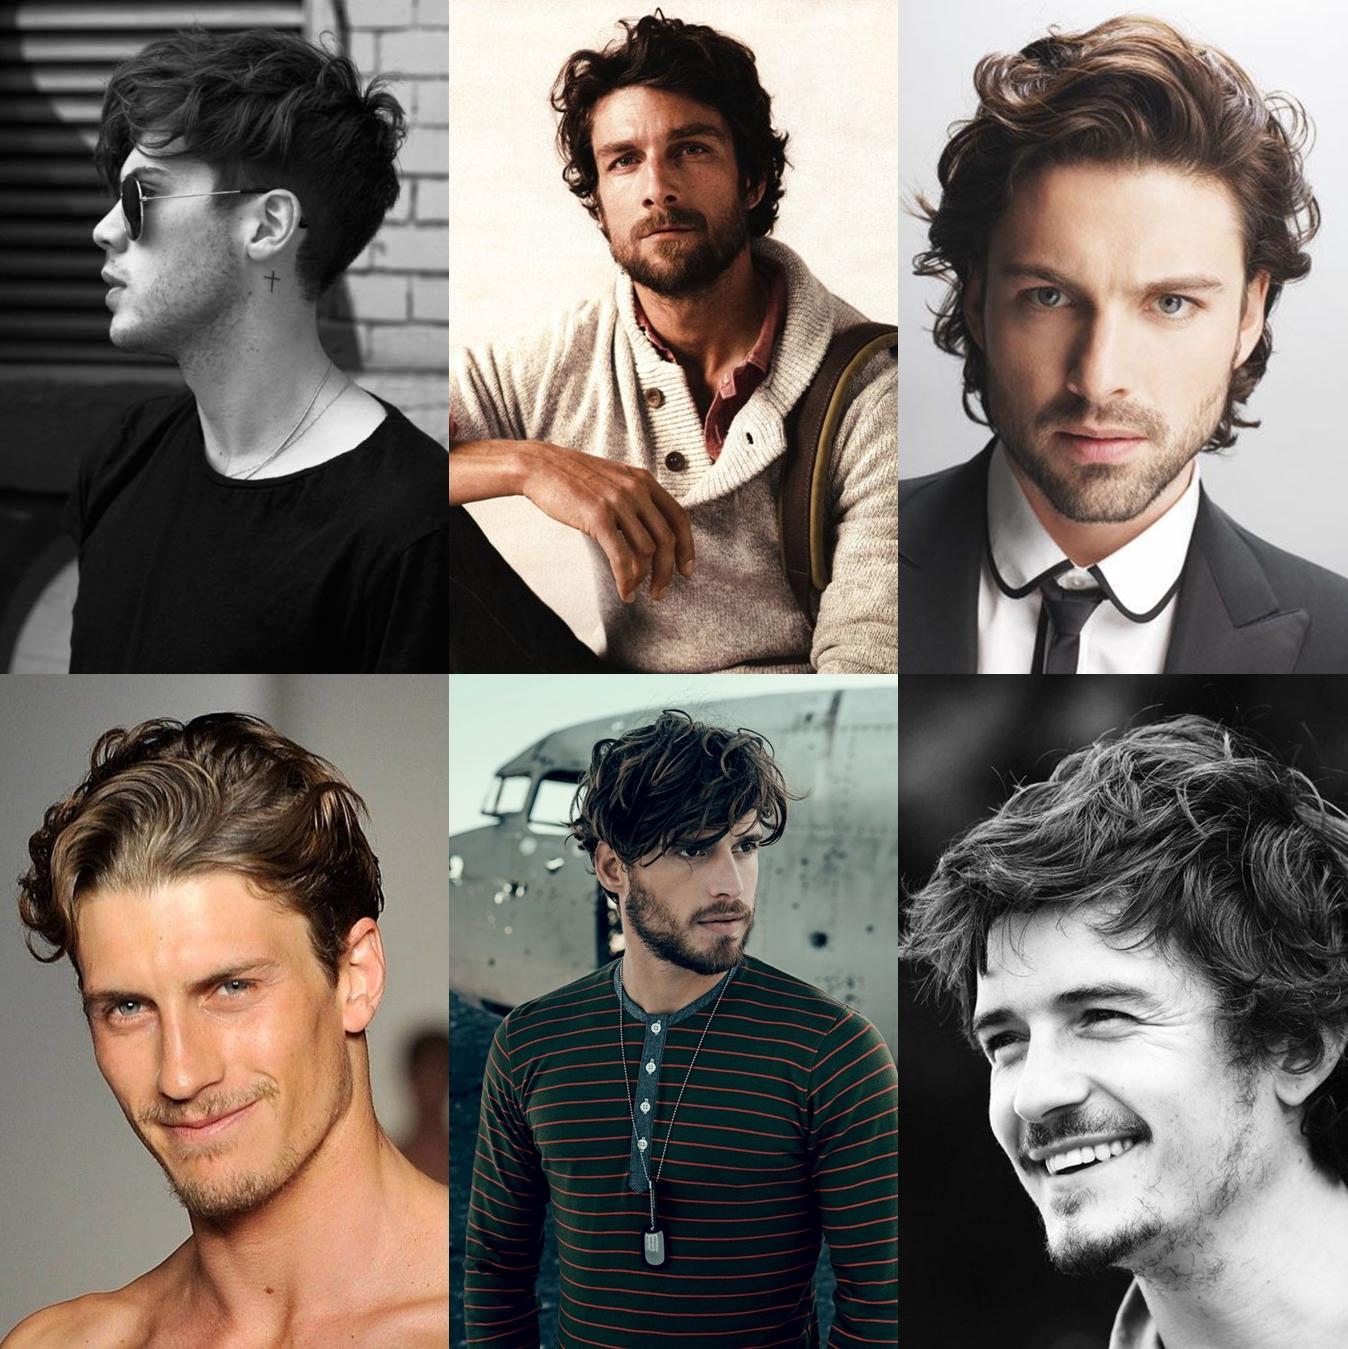 corte de cabelo masculino, cortes masculinos 2015, cabelos 2015, penteados 2015, dicas de cortes para cabelos ondulados, cabelo ondulado masculino, haircut, moda sem censura, alex cursino, blogger, 2